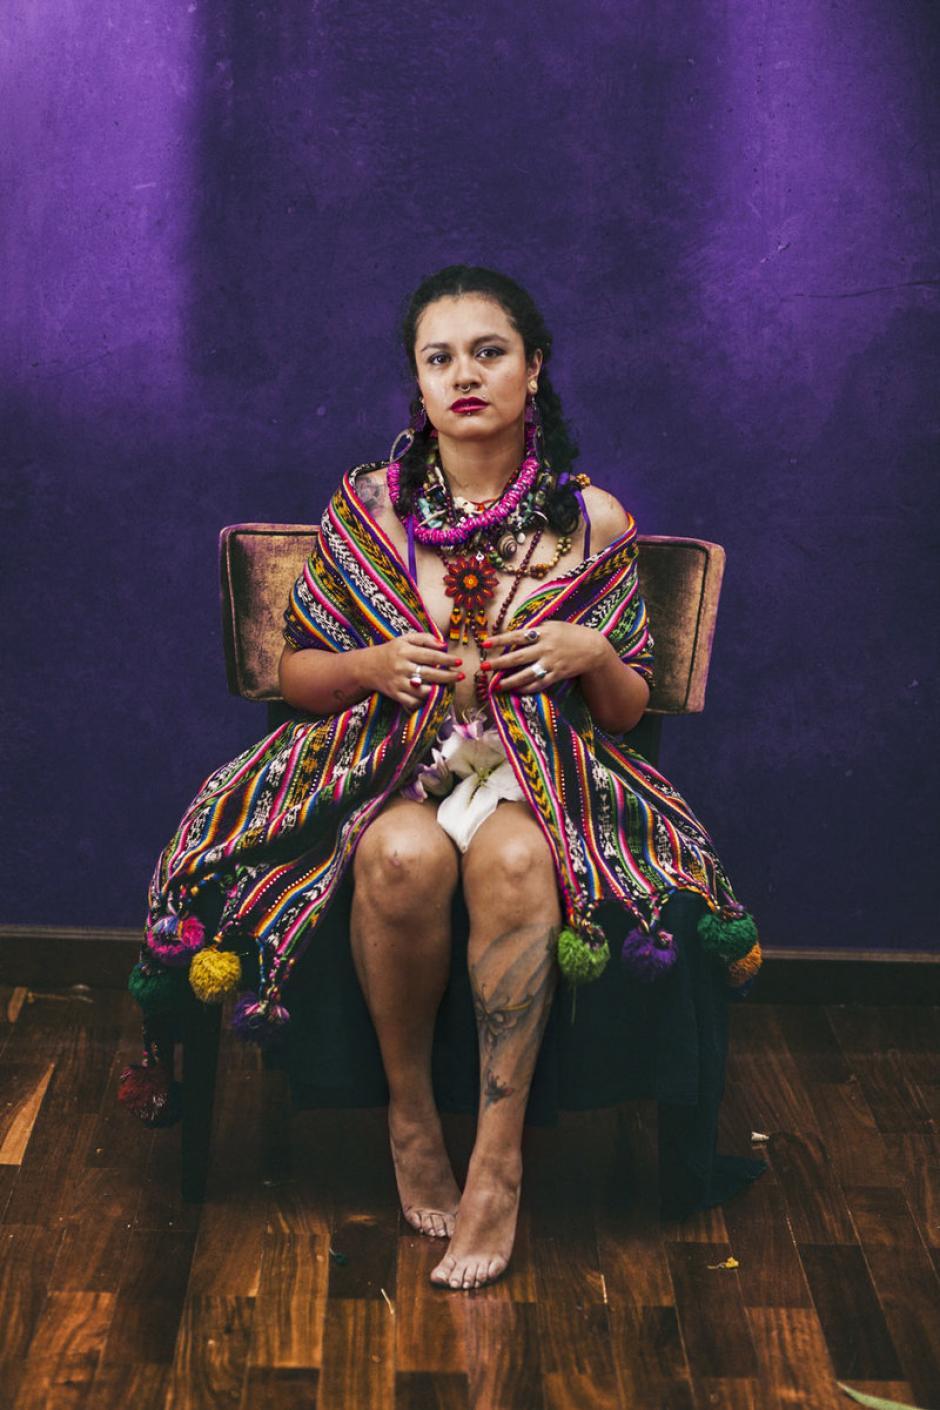 La rapera va a iniciar una gira por españa. (Foto: rebecalane.bandcamp.com)